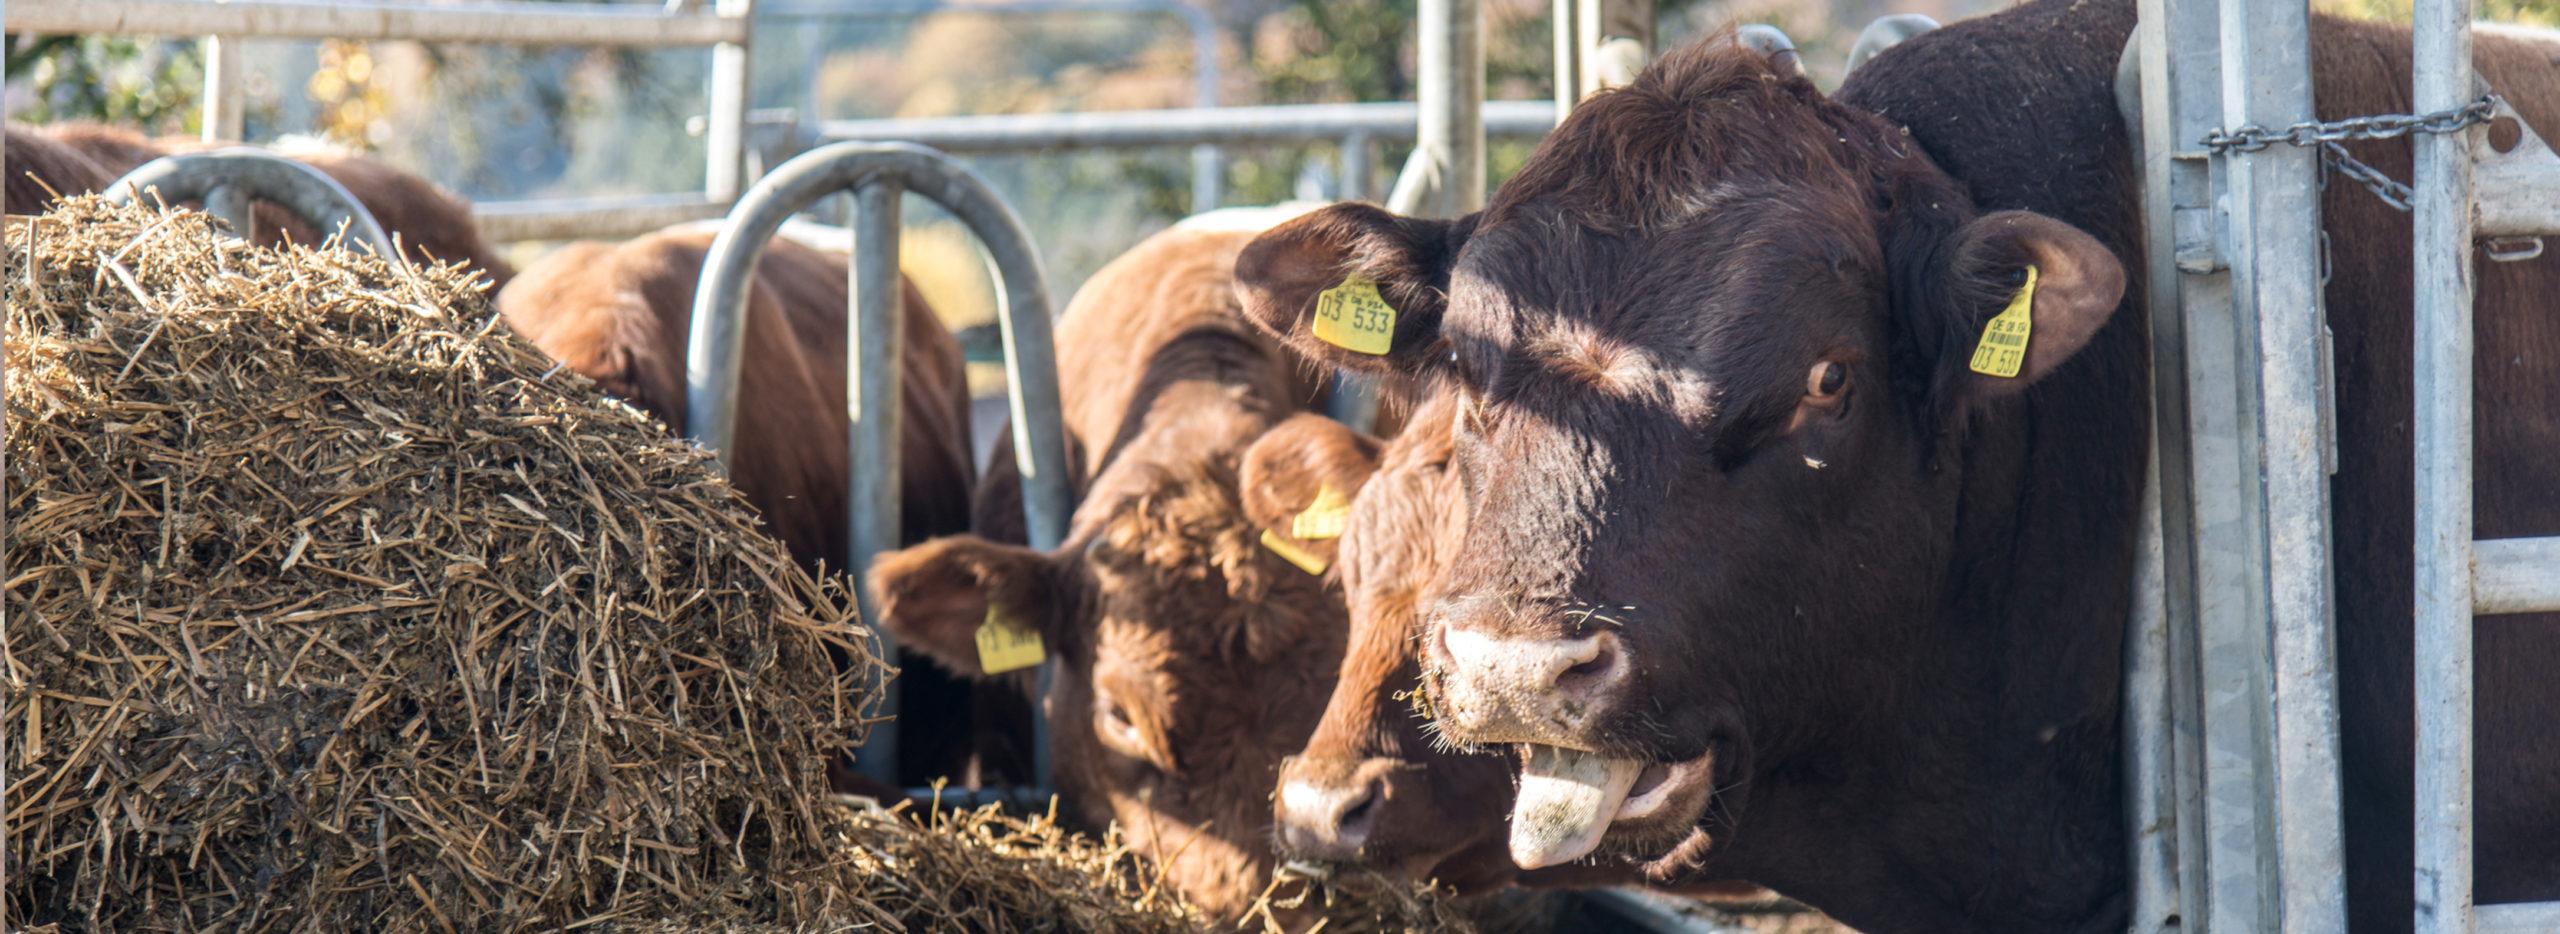 Kühe an der Futterstelle auf Bauernhof